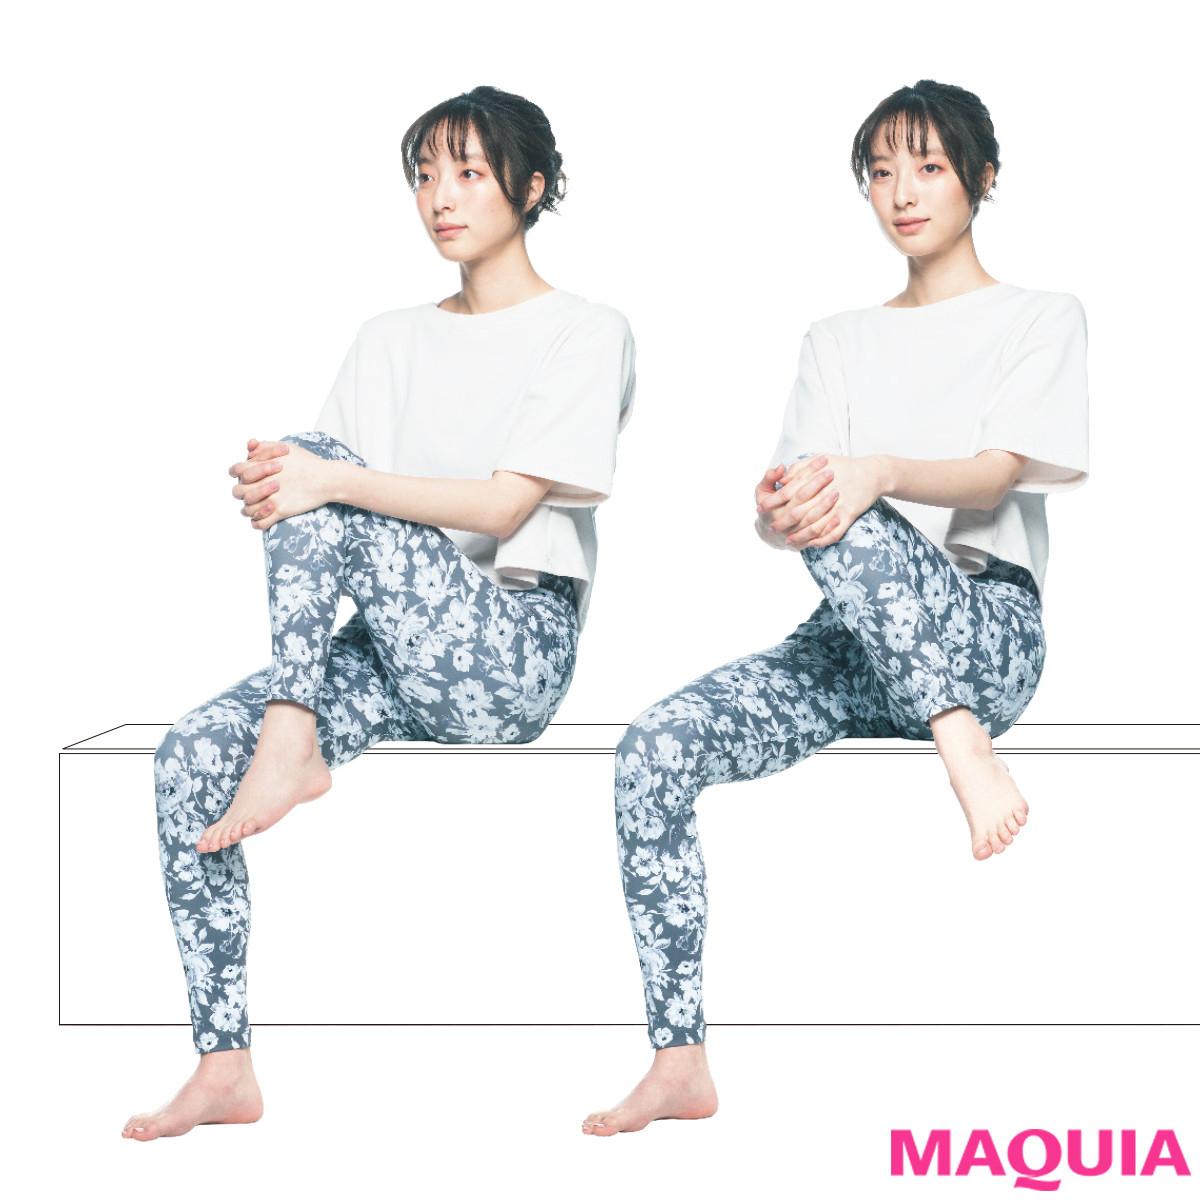 【夜の自律神経ストレッチ】眠りの質がUPする、ユラユラひざ揺らしetc.